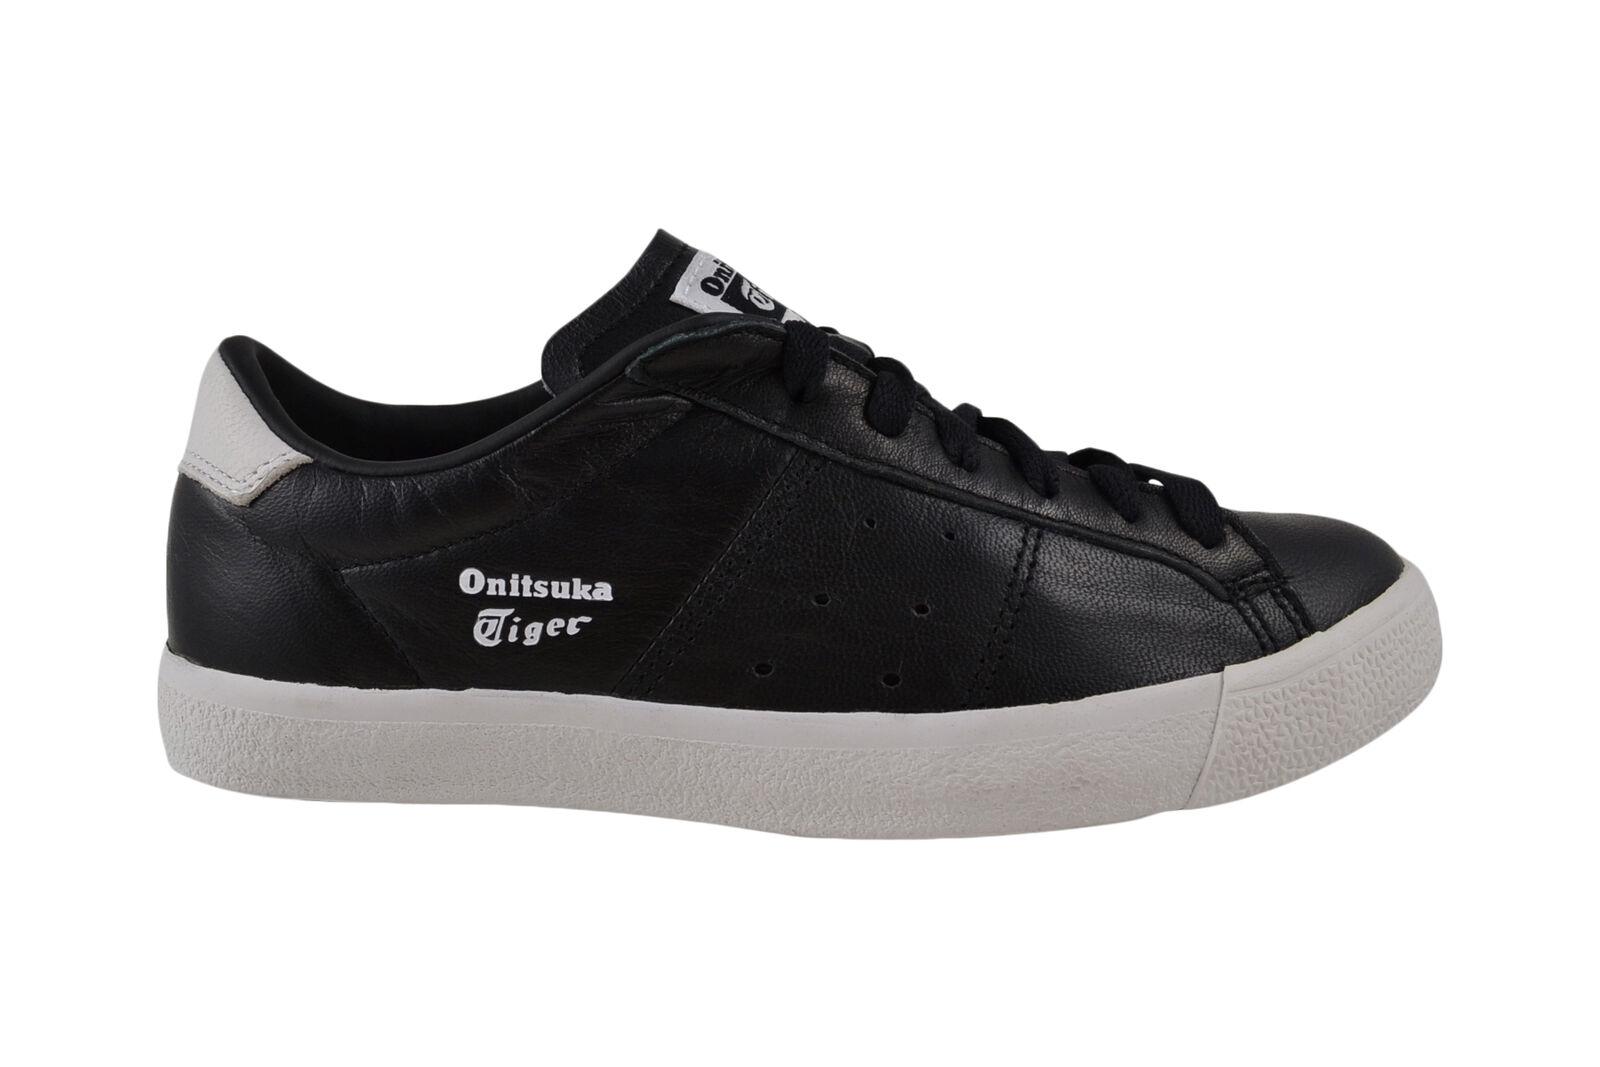 ASICS Onitsuka Tiger Lawnship nero bianca scarpe da ginnastica ginnastica ginnastica Scarpe 2e4722